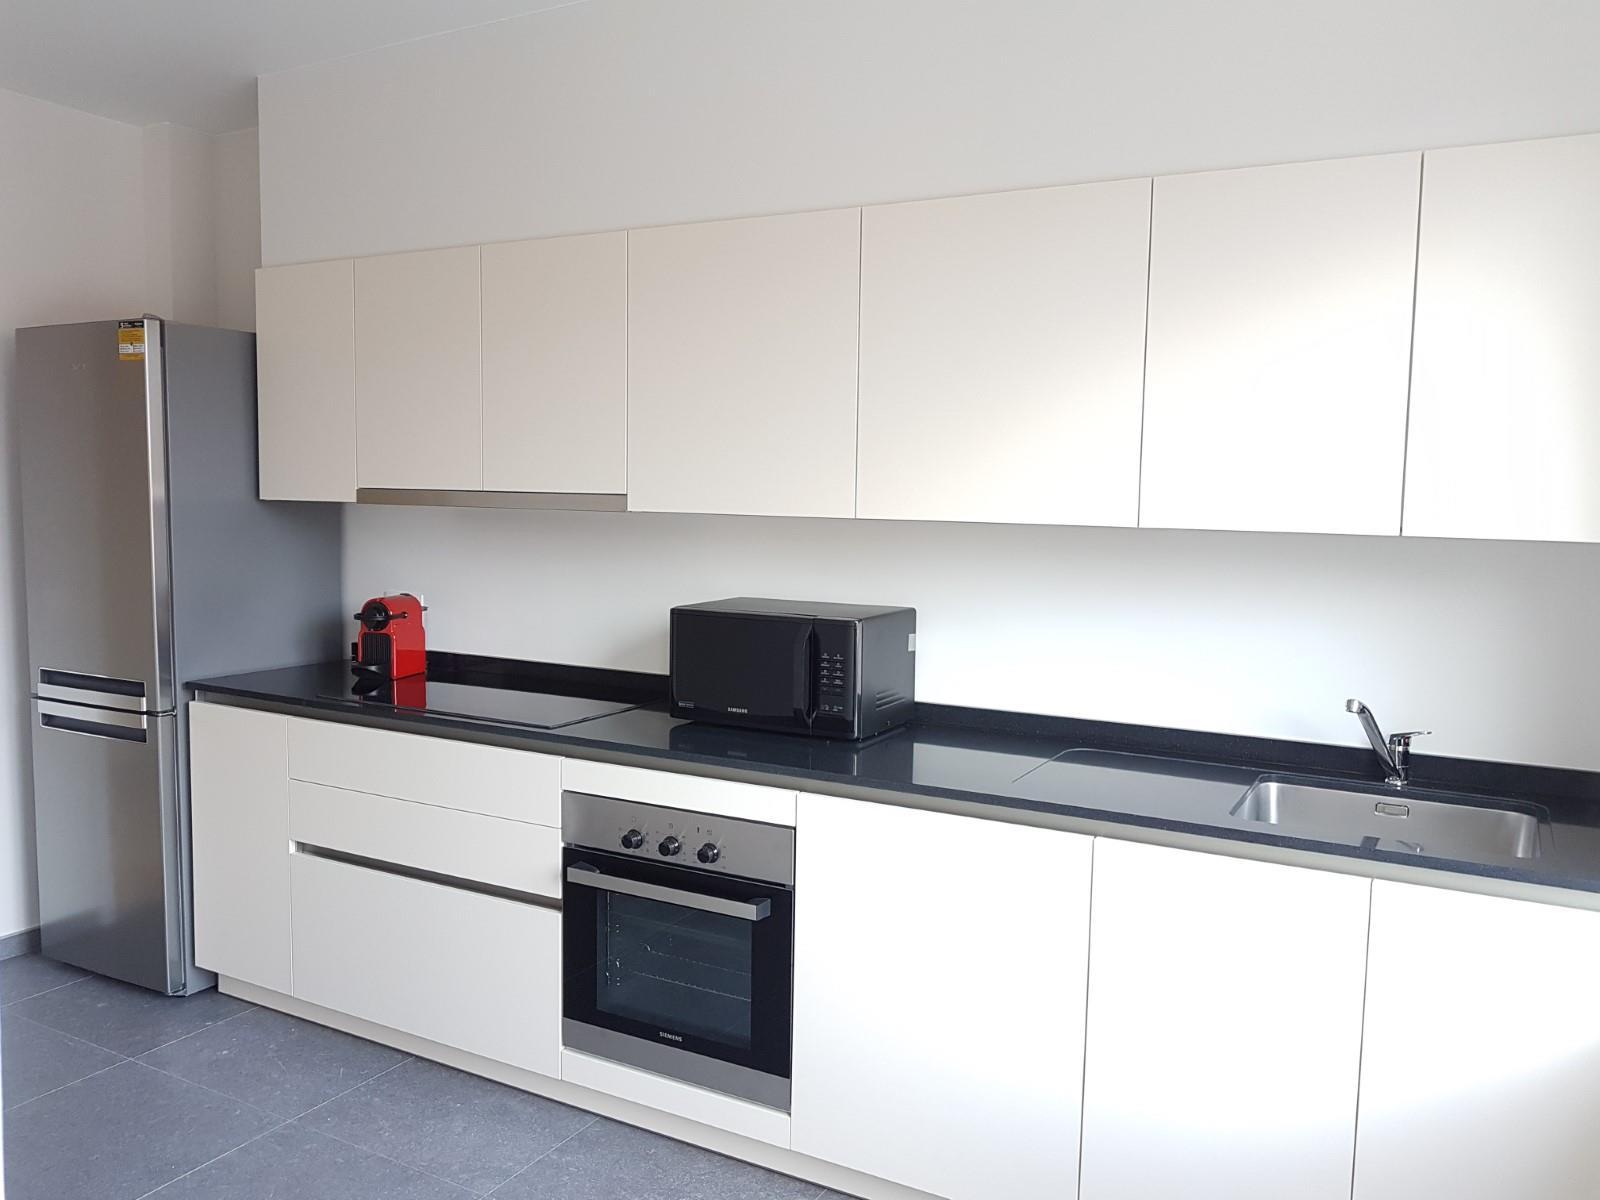 Appartement exceptionnel - Rhode-Saint-Genèse - #3704483-15